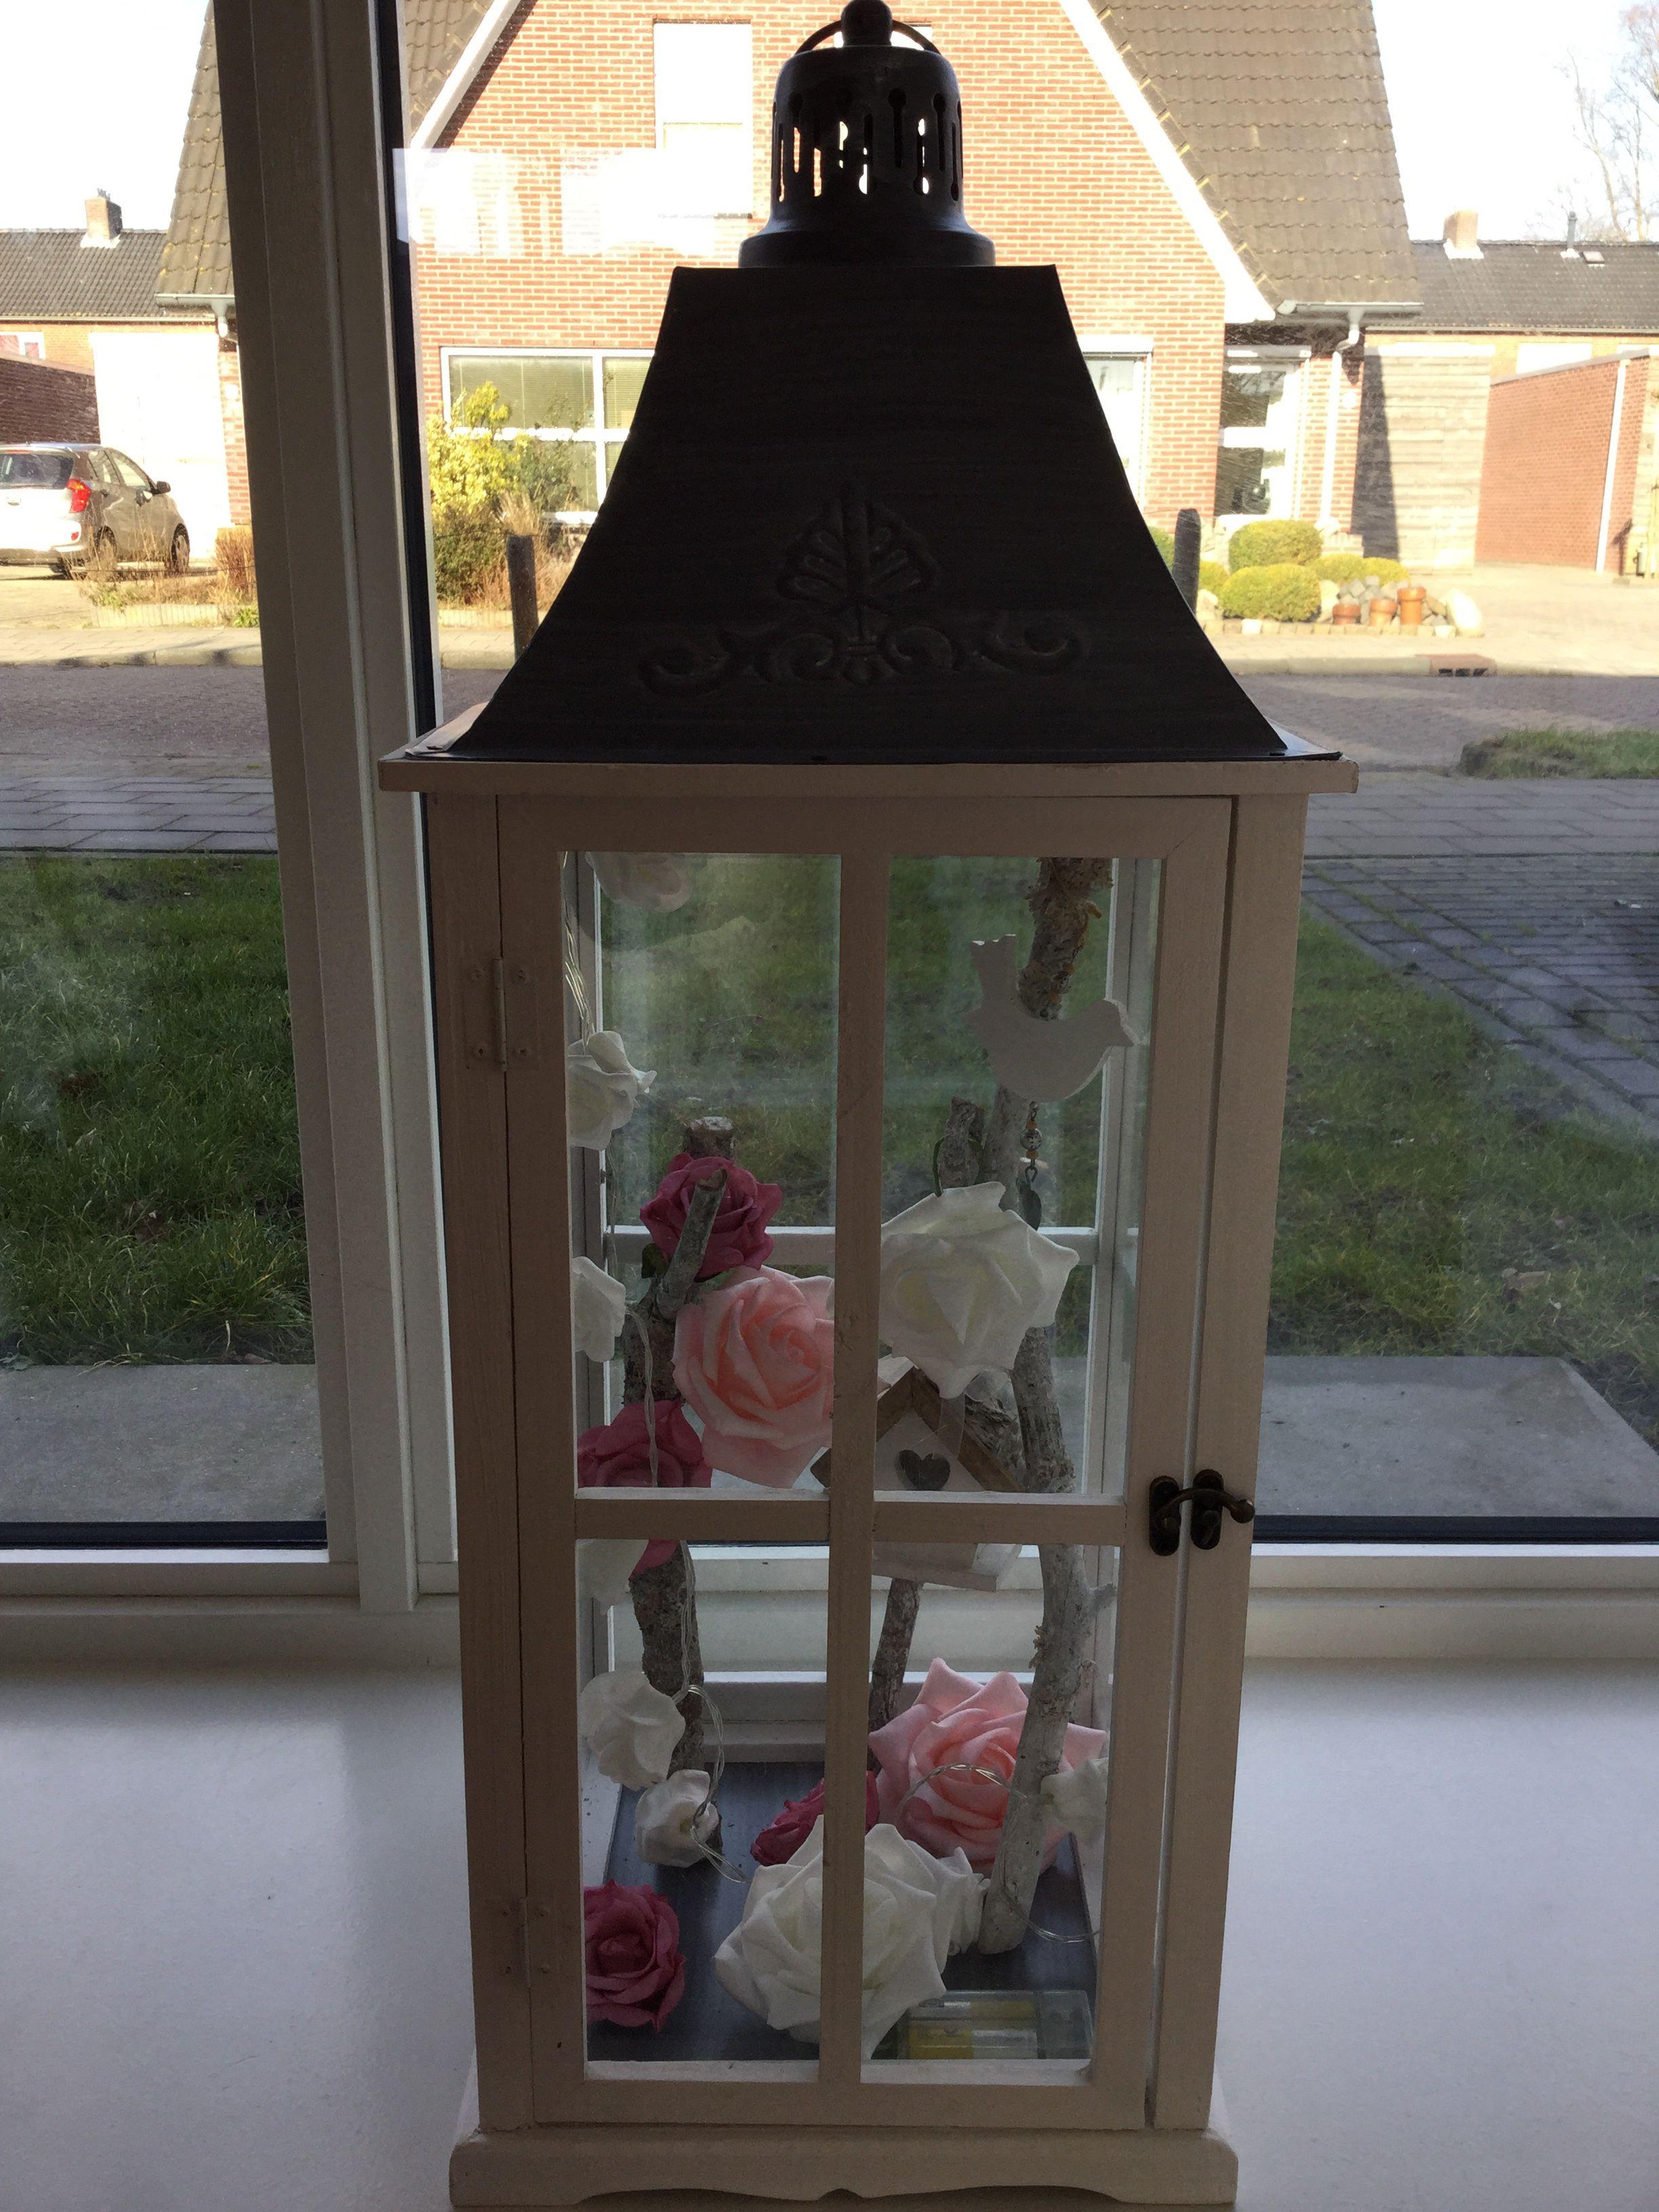 Windlicht Met Decoratie Van Action Decoratie Huisdecoratie Leuke Ideeen